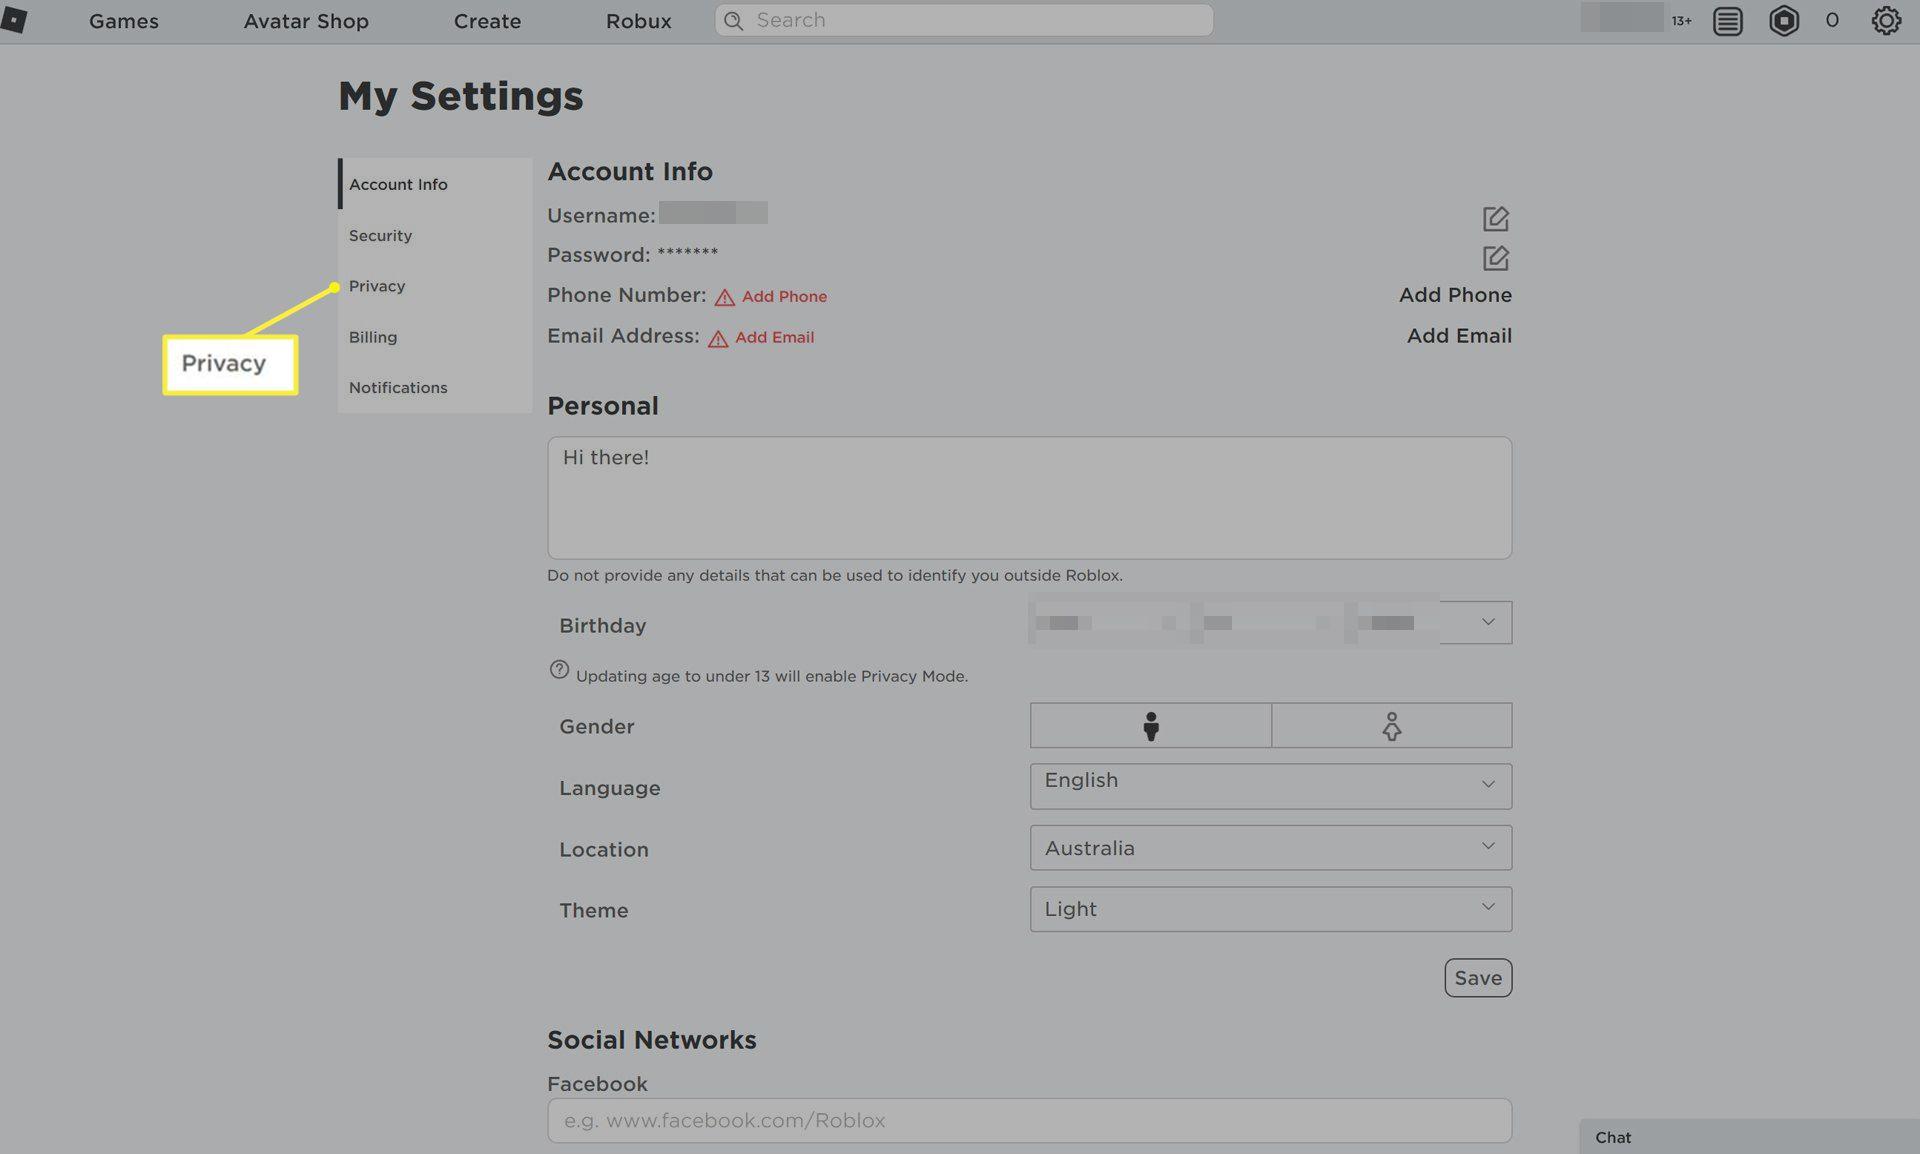 Privacy in menu